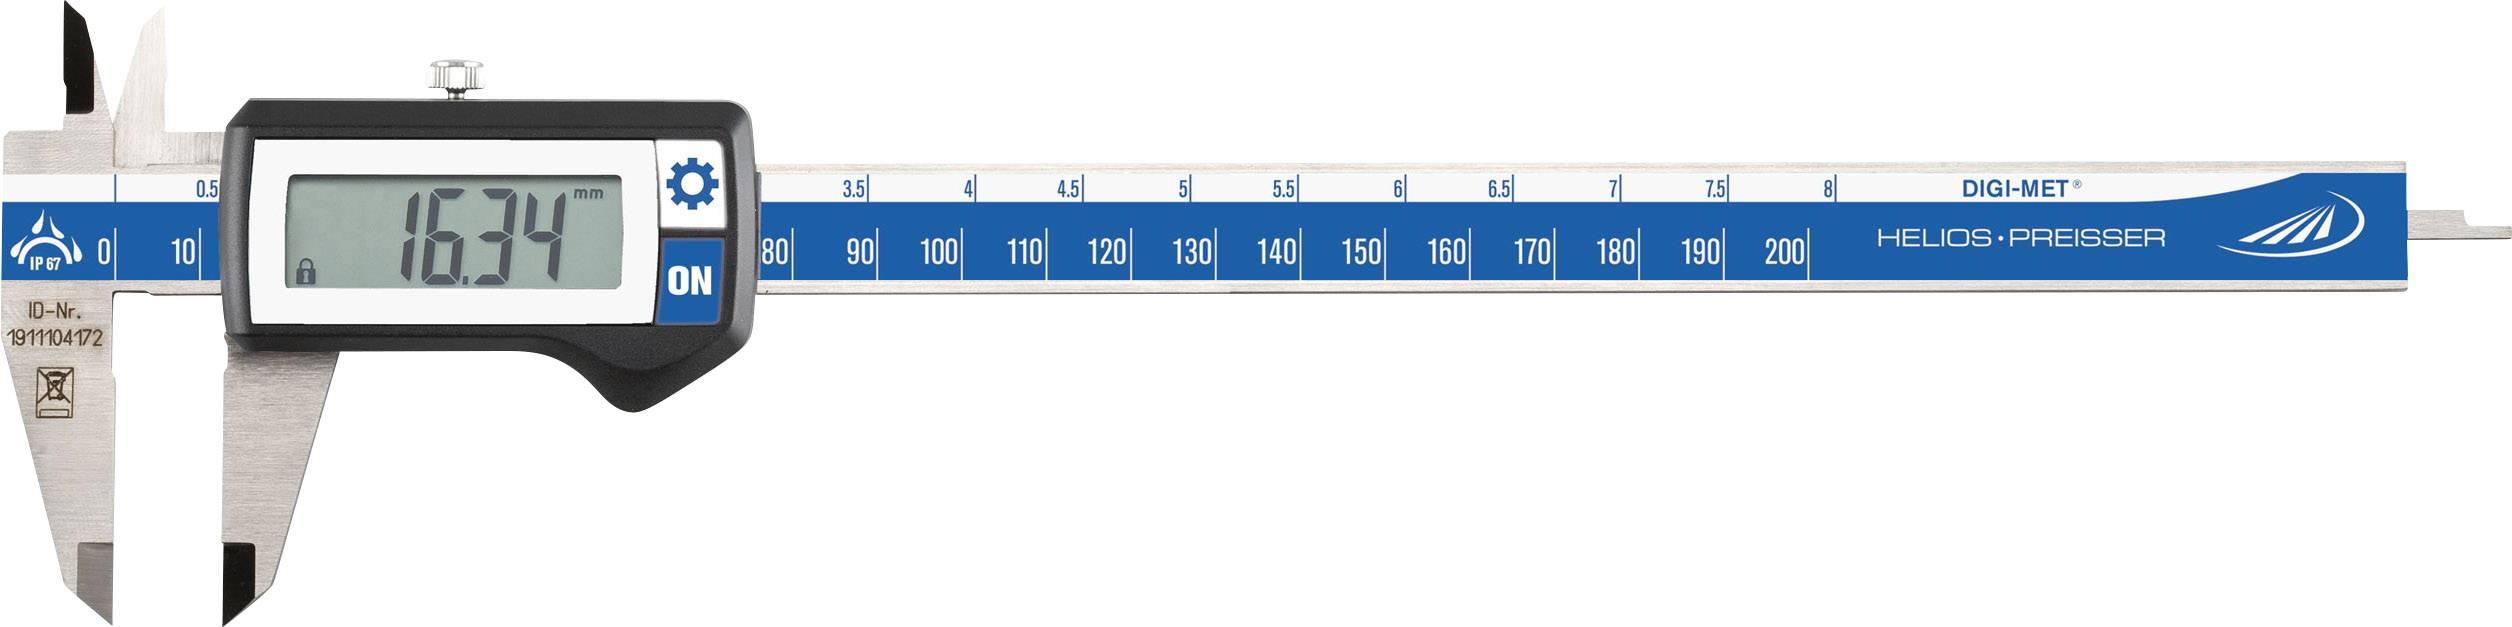 Digitální posuvné měřítko Helios Preisser DIGI-MET 1326418, měřicí rozsah 200 mm, Kalibrováno dle bez certifikátu